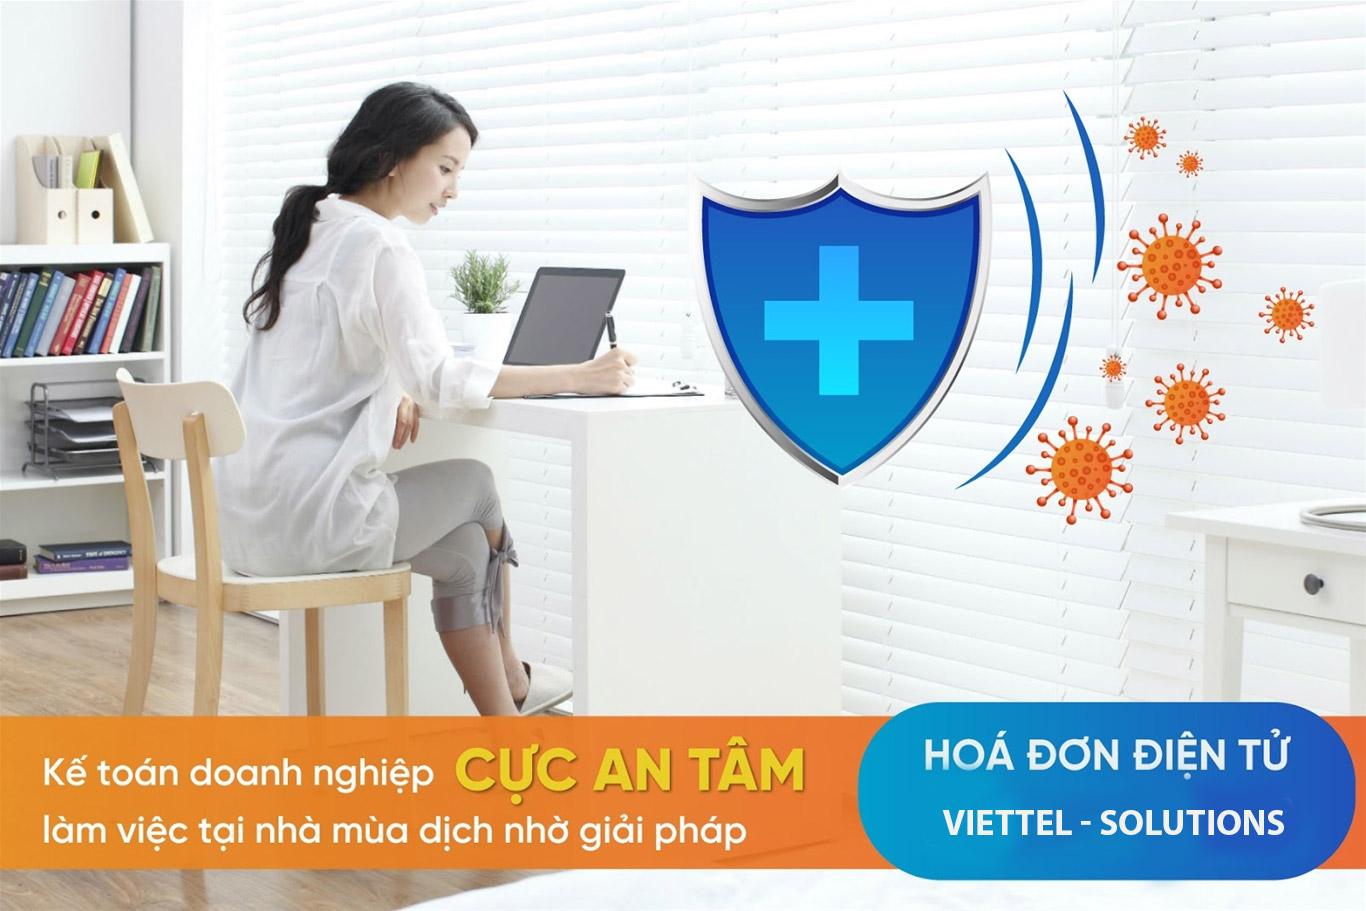 chống covid-19 với hóa đơn điện tử viettel